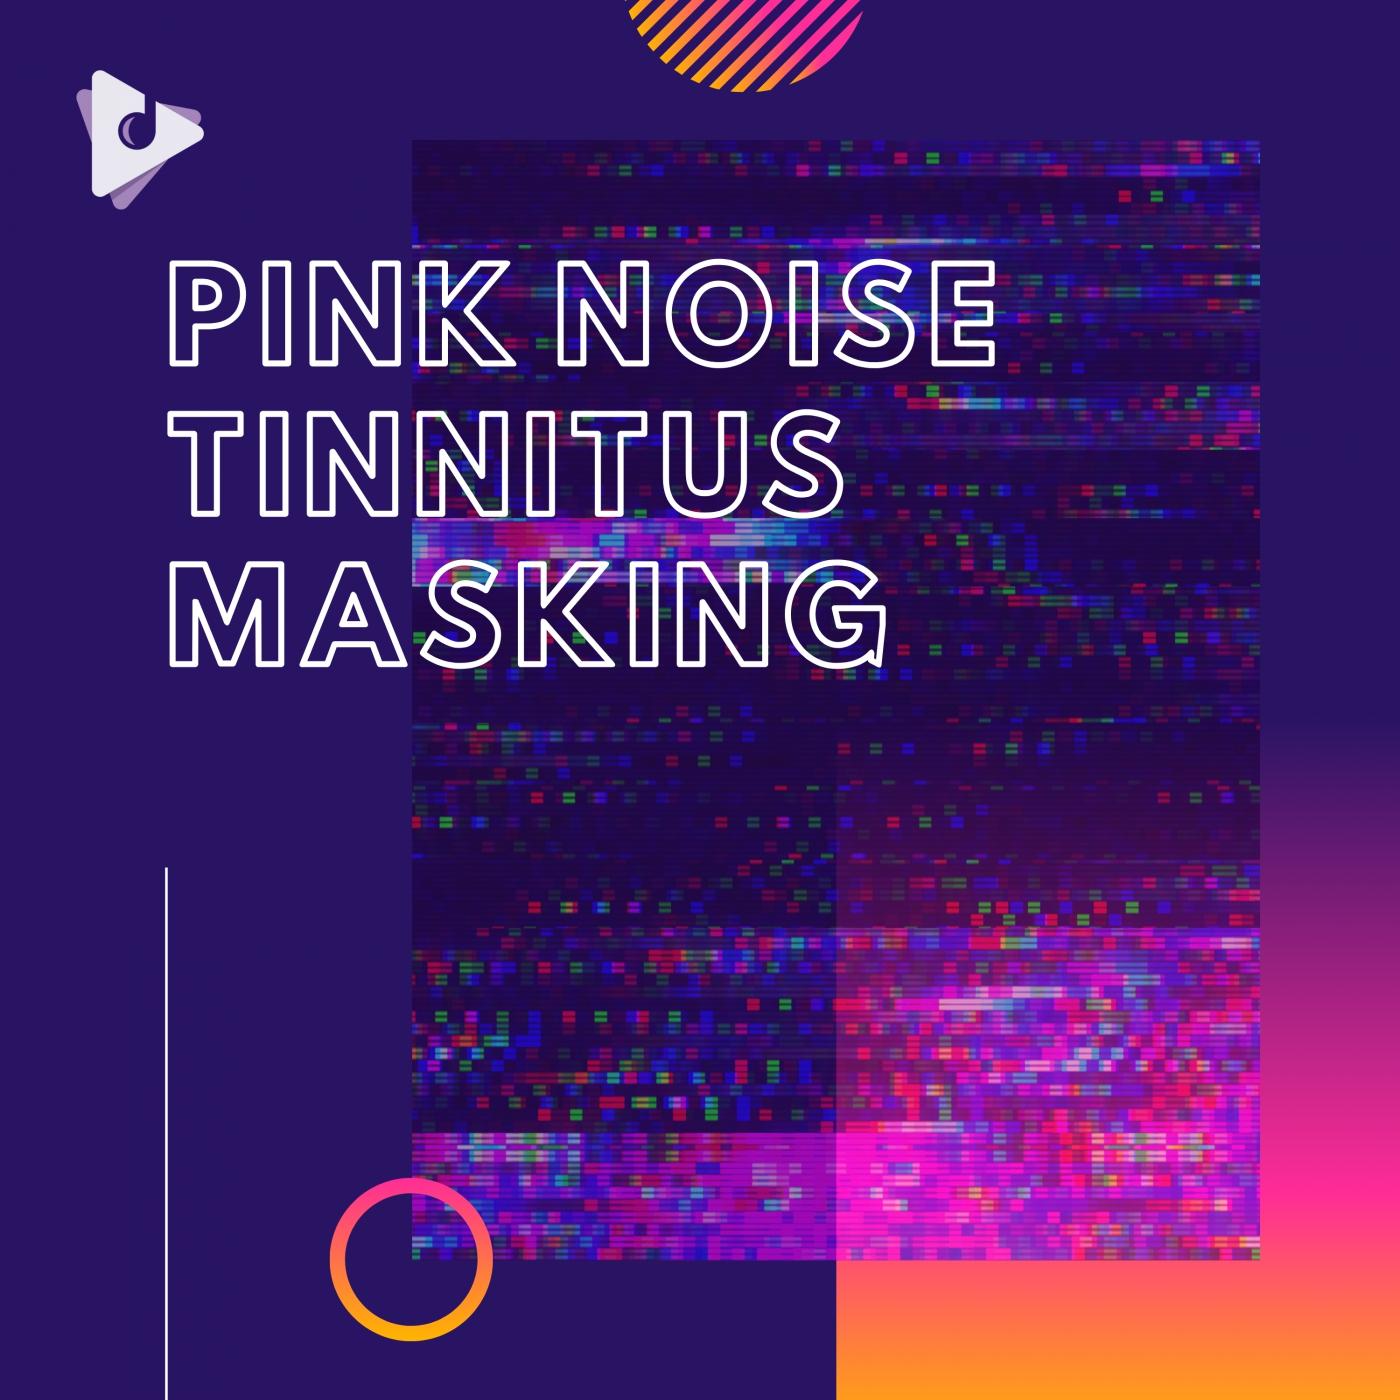 Pink Noise Tinnitus Masking